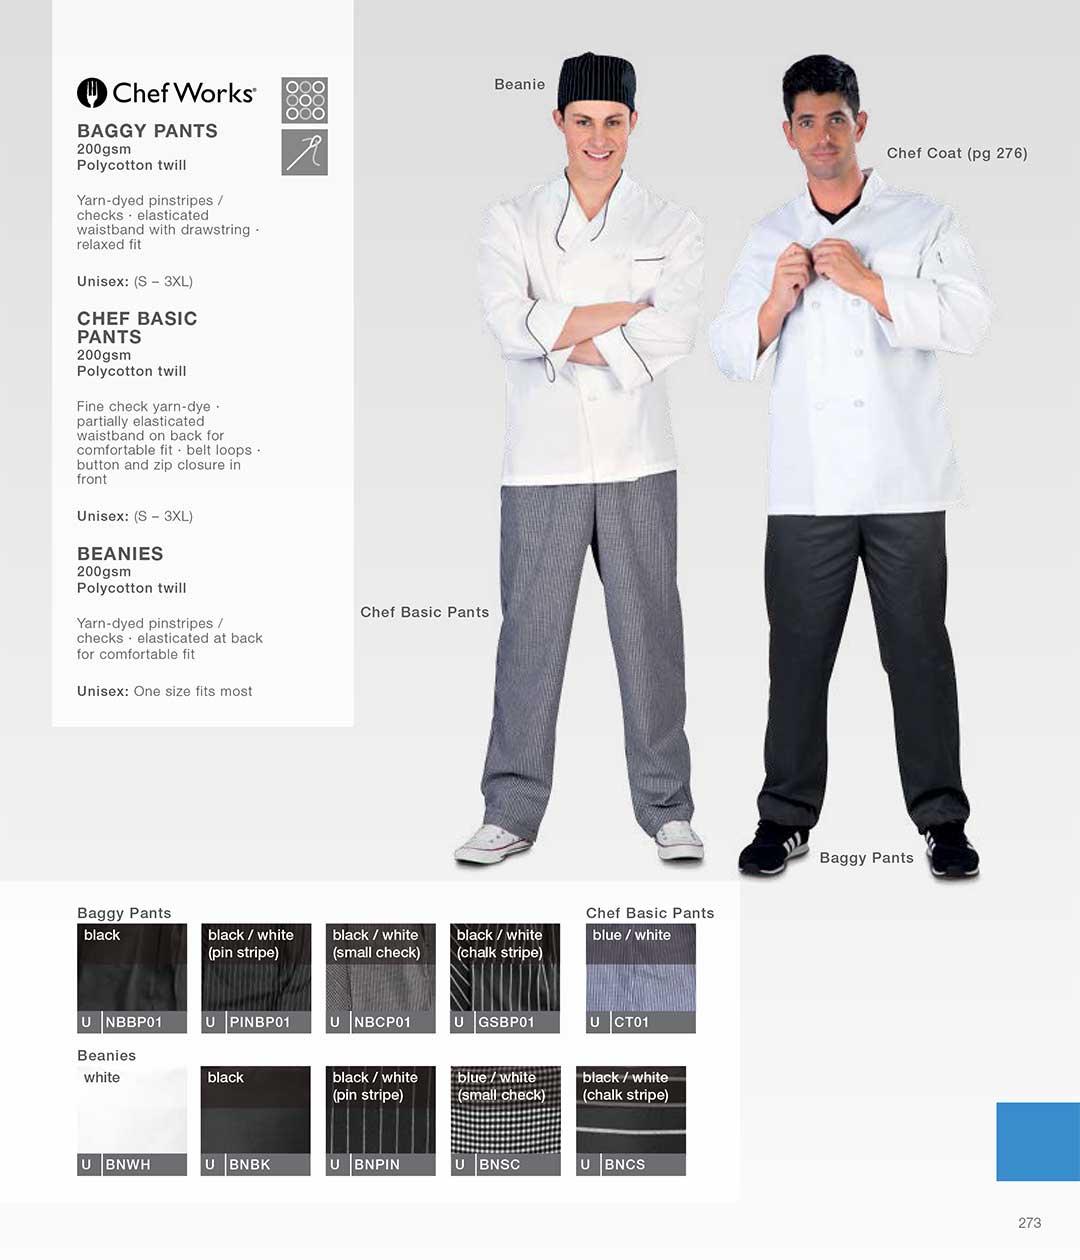 ChefWorks Baggy Pants